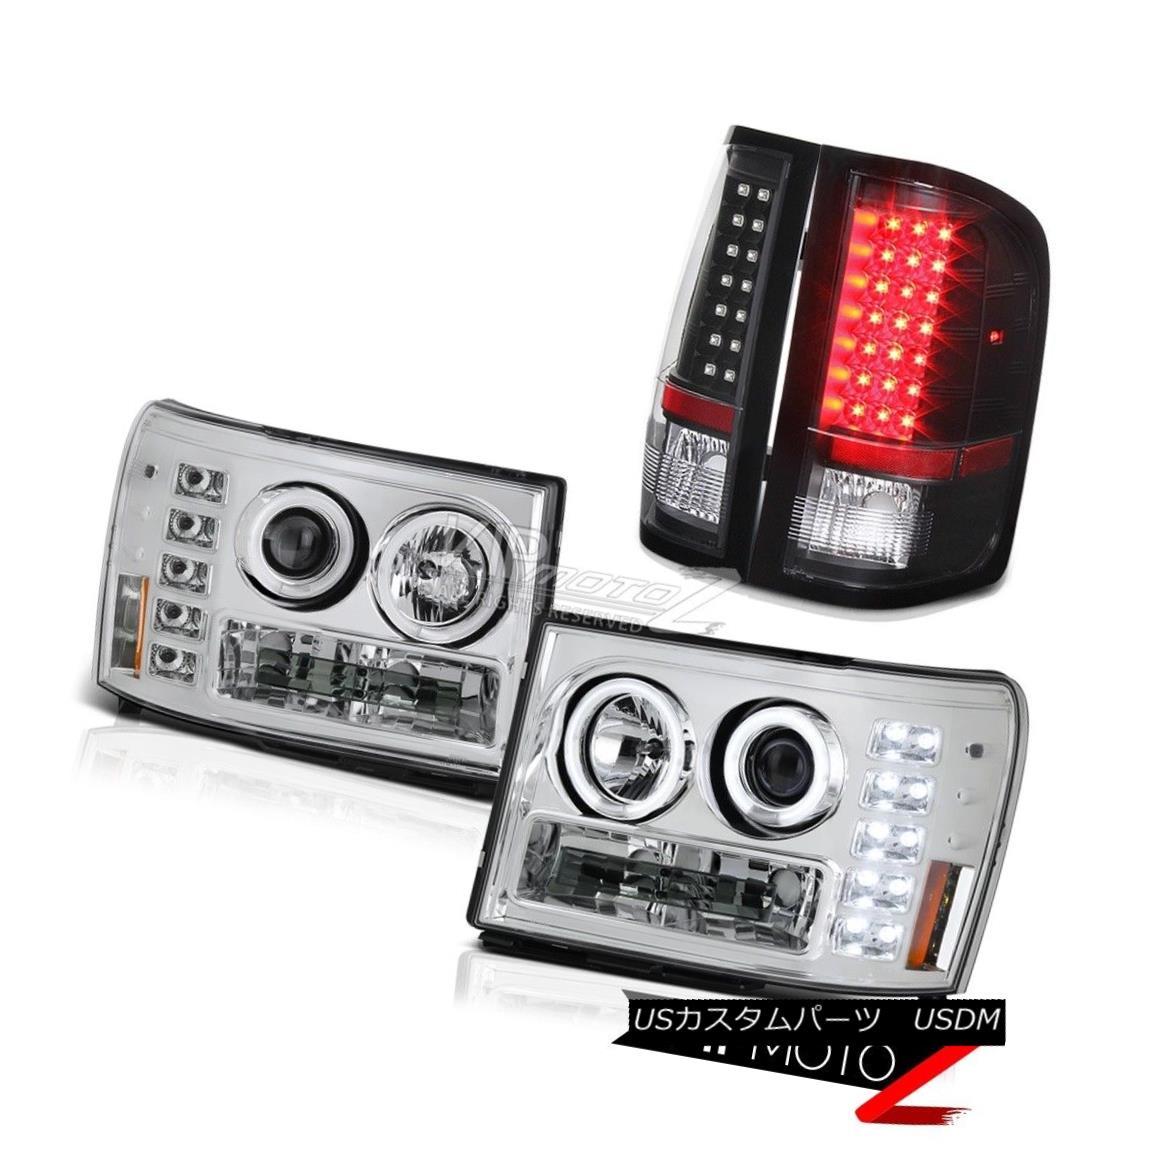 ライト・ランプ, ヘッドライト  2008 2009 2010 GMC Sierra 6.0L WT Altezza CCFL Halo Head Lights Black LED Tail 200820092010 GMC Sierra 6.0L WT Altezza CCFL HaloLED